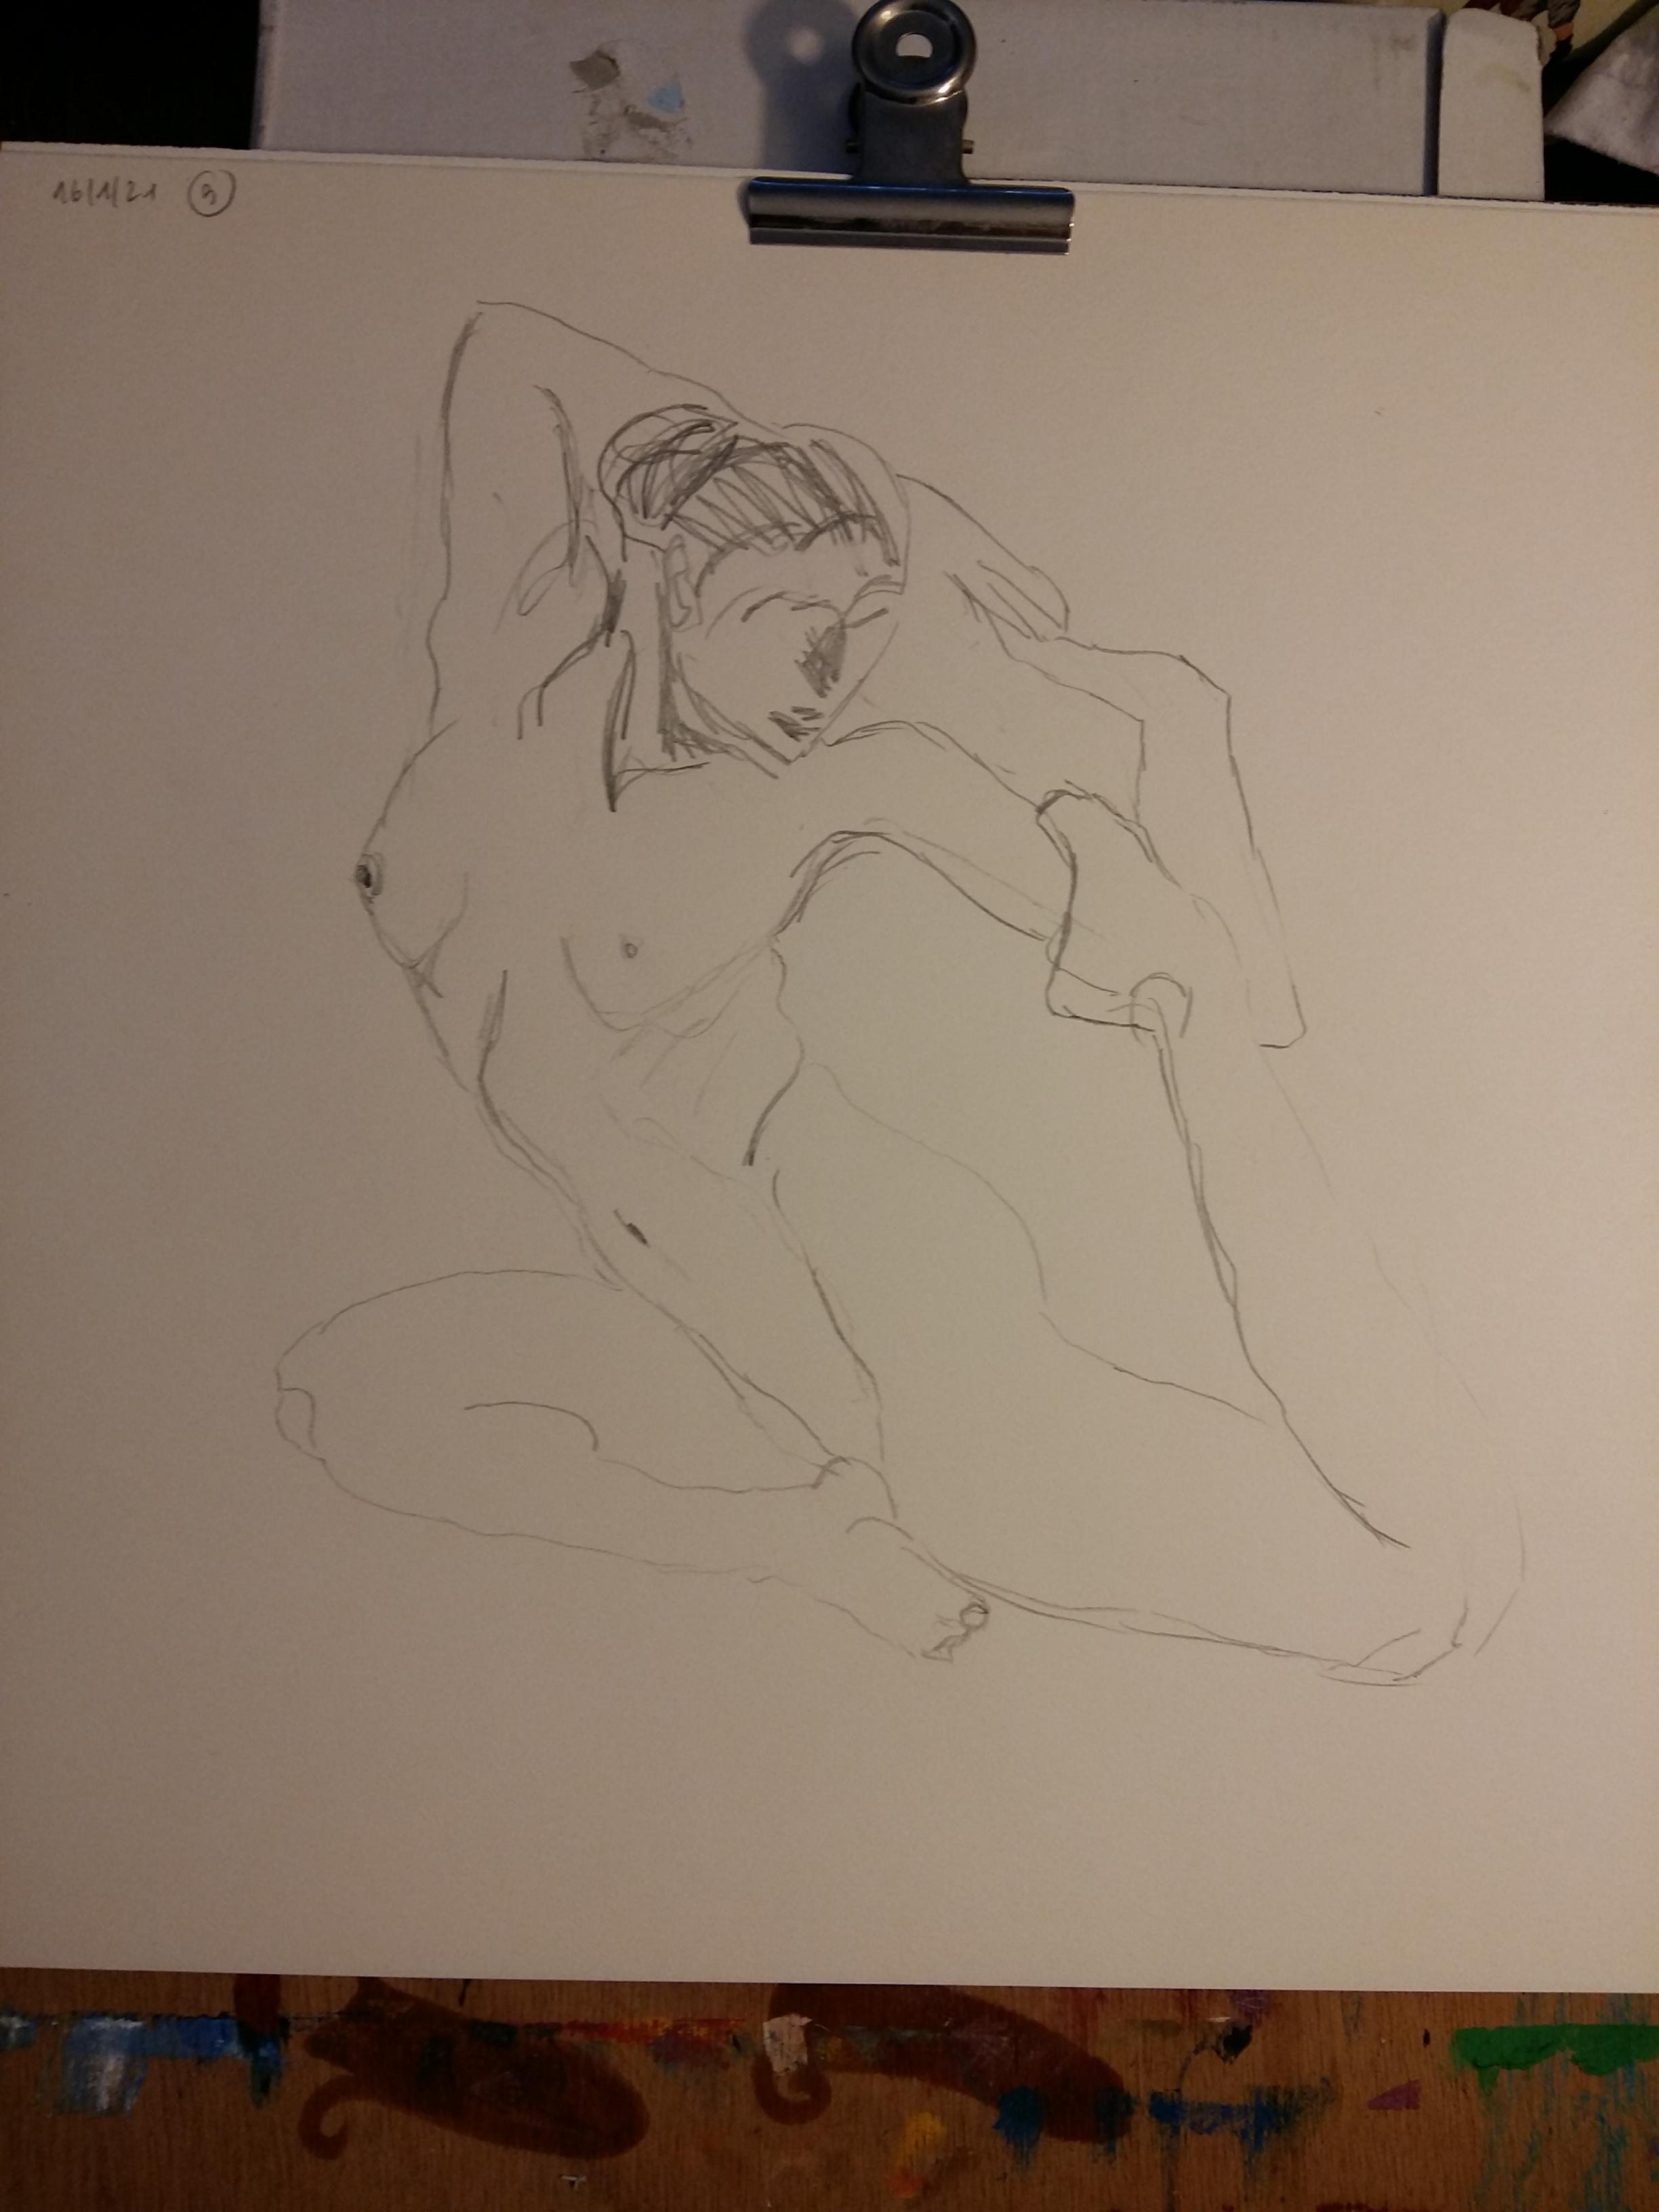 �bauche dessin trois quarts face ainsi mod�le vivant dessin papier graphite  cours de dessin